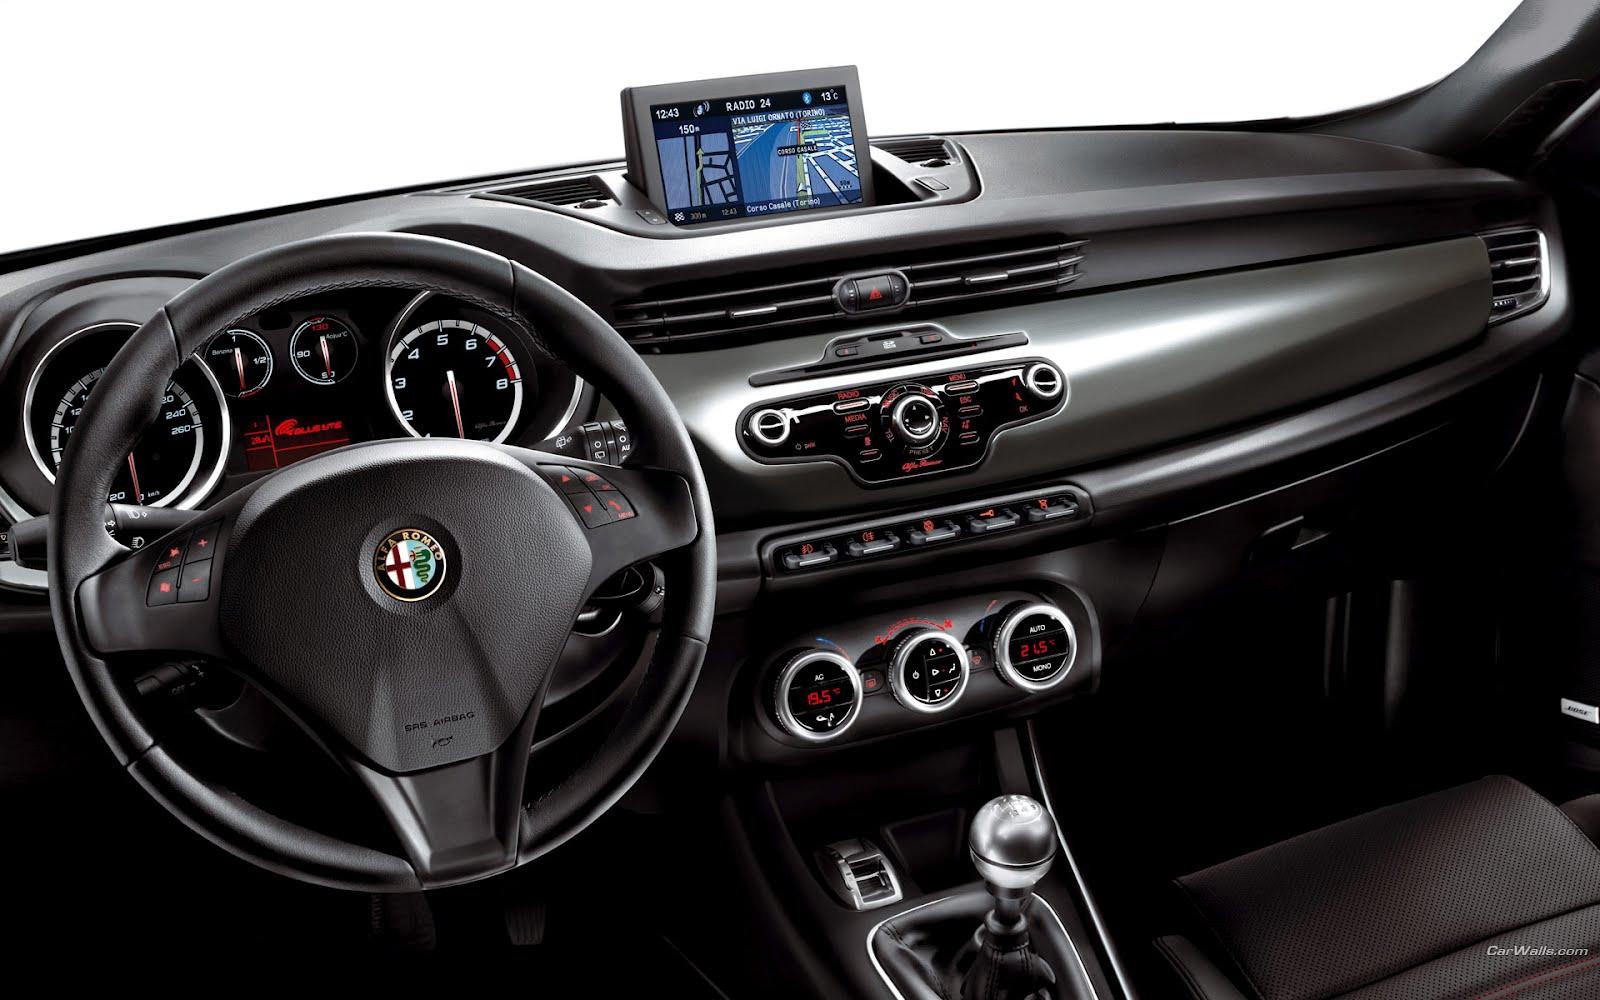 Alfa Romeo Guilleta, HD Wallpaper